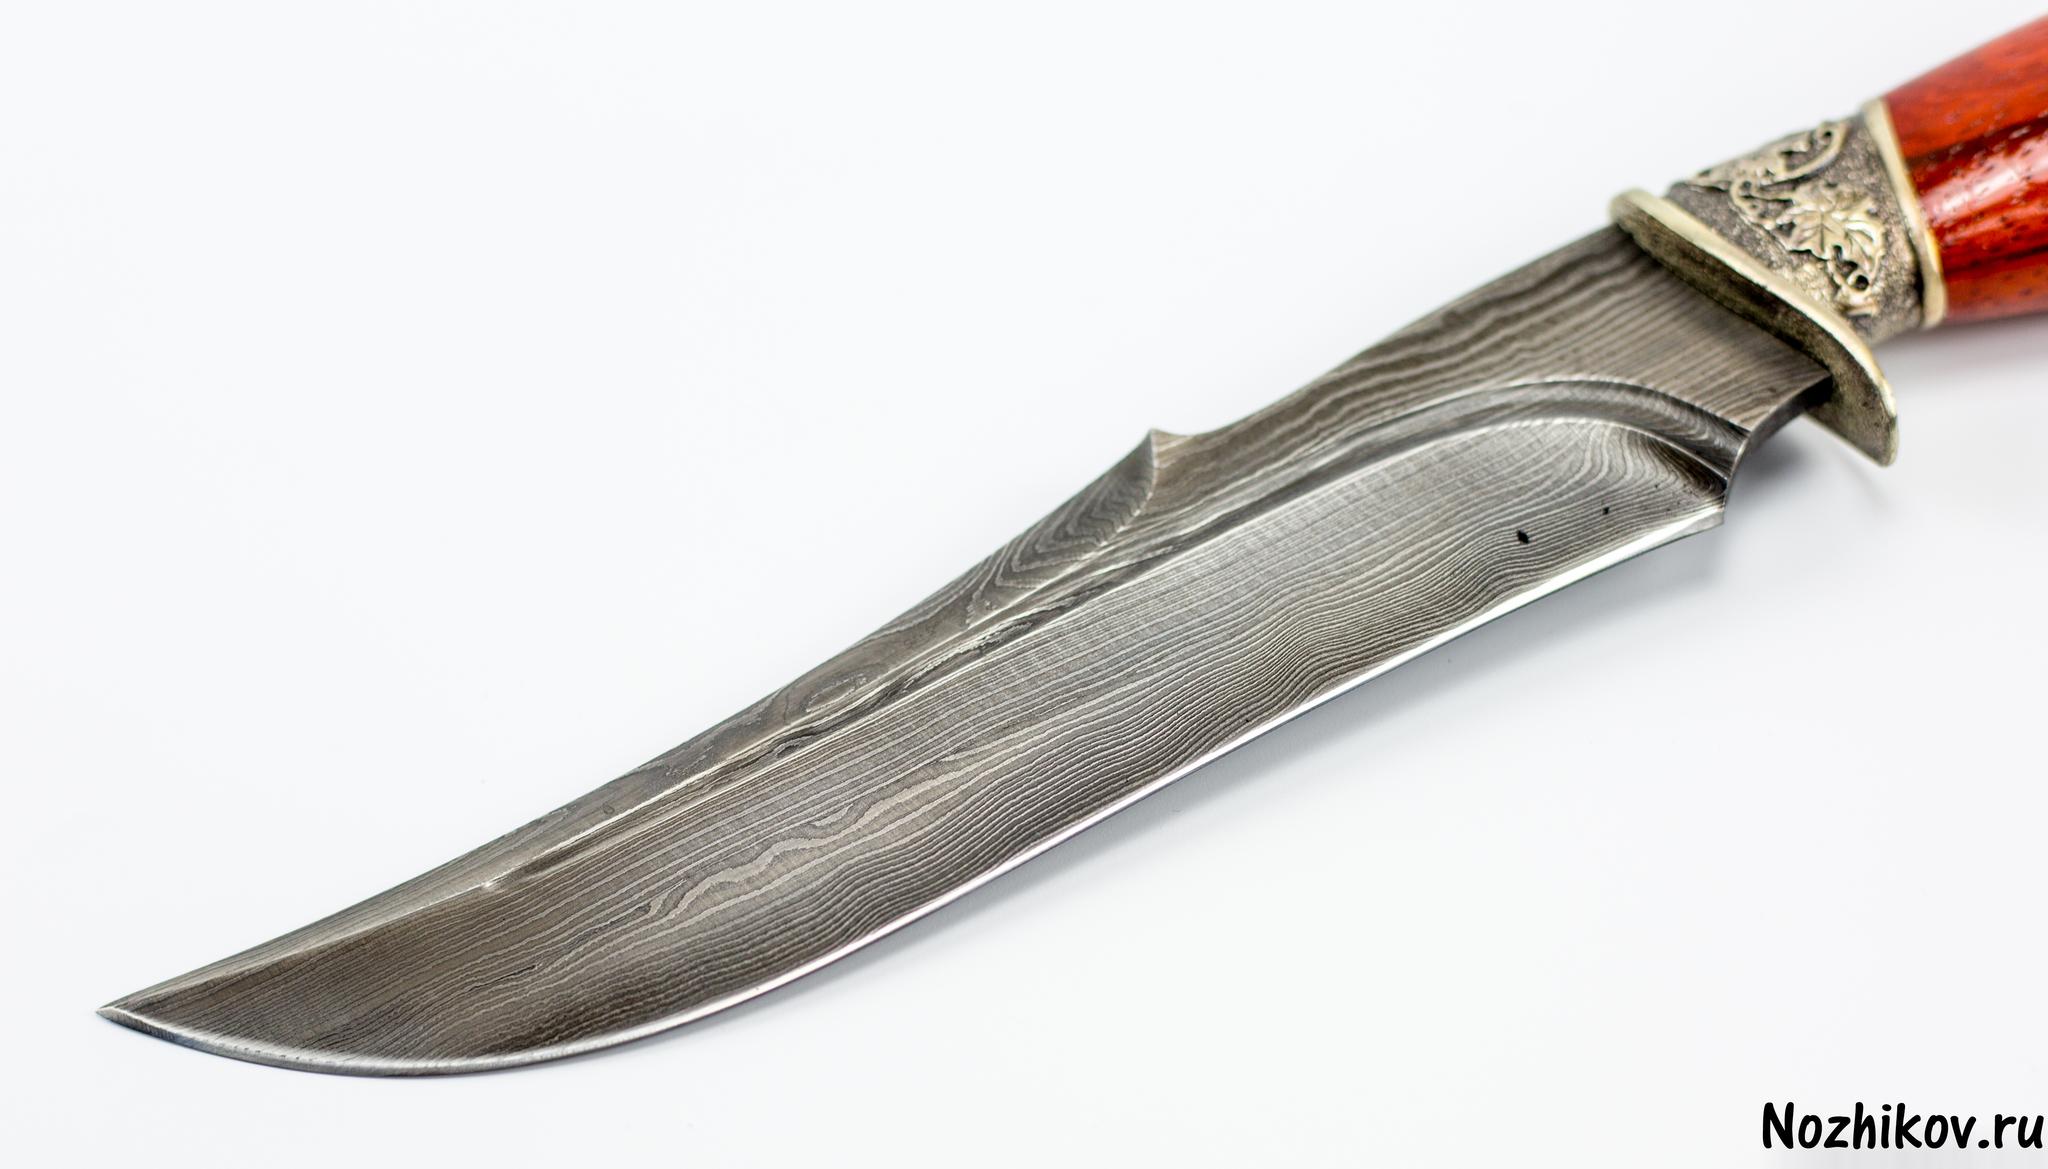 Фото 3 - Авторский Нож из Дамаска №25, Кизляр от Noname